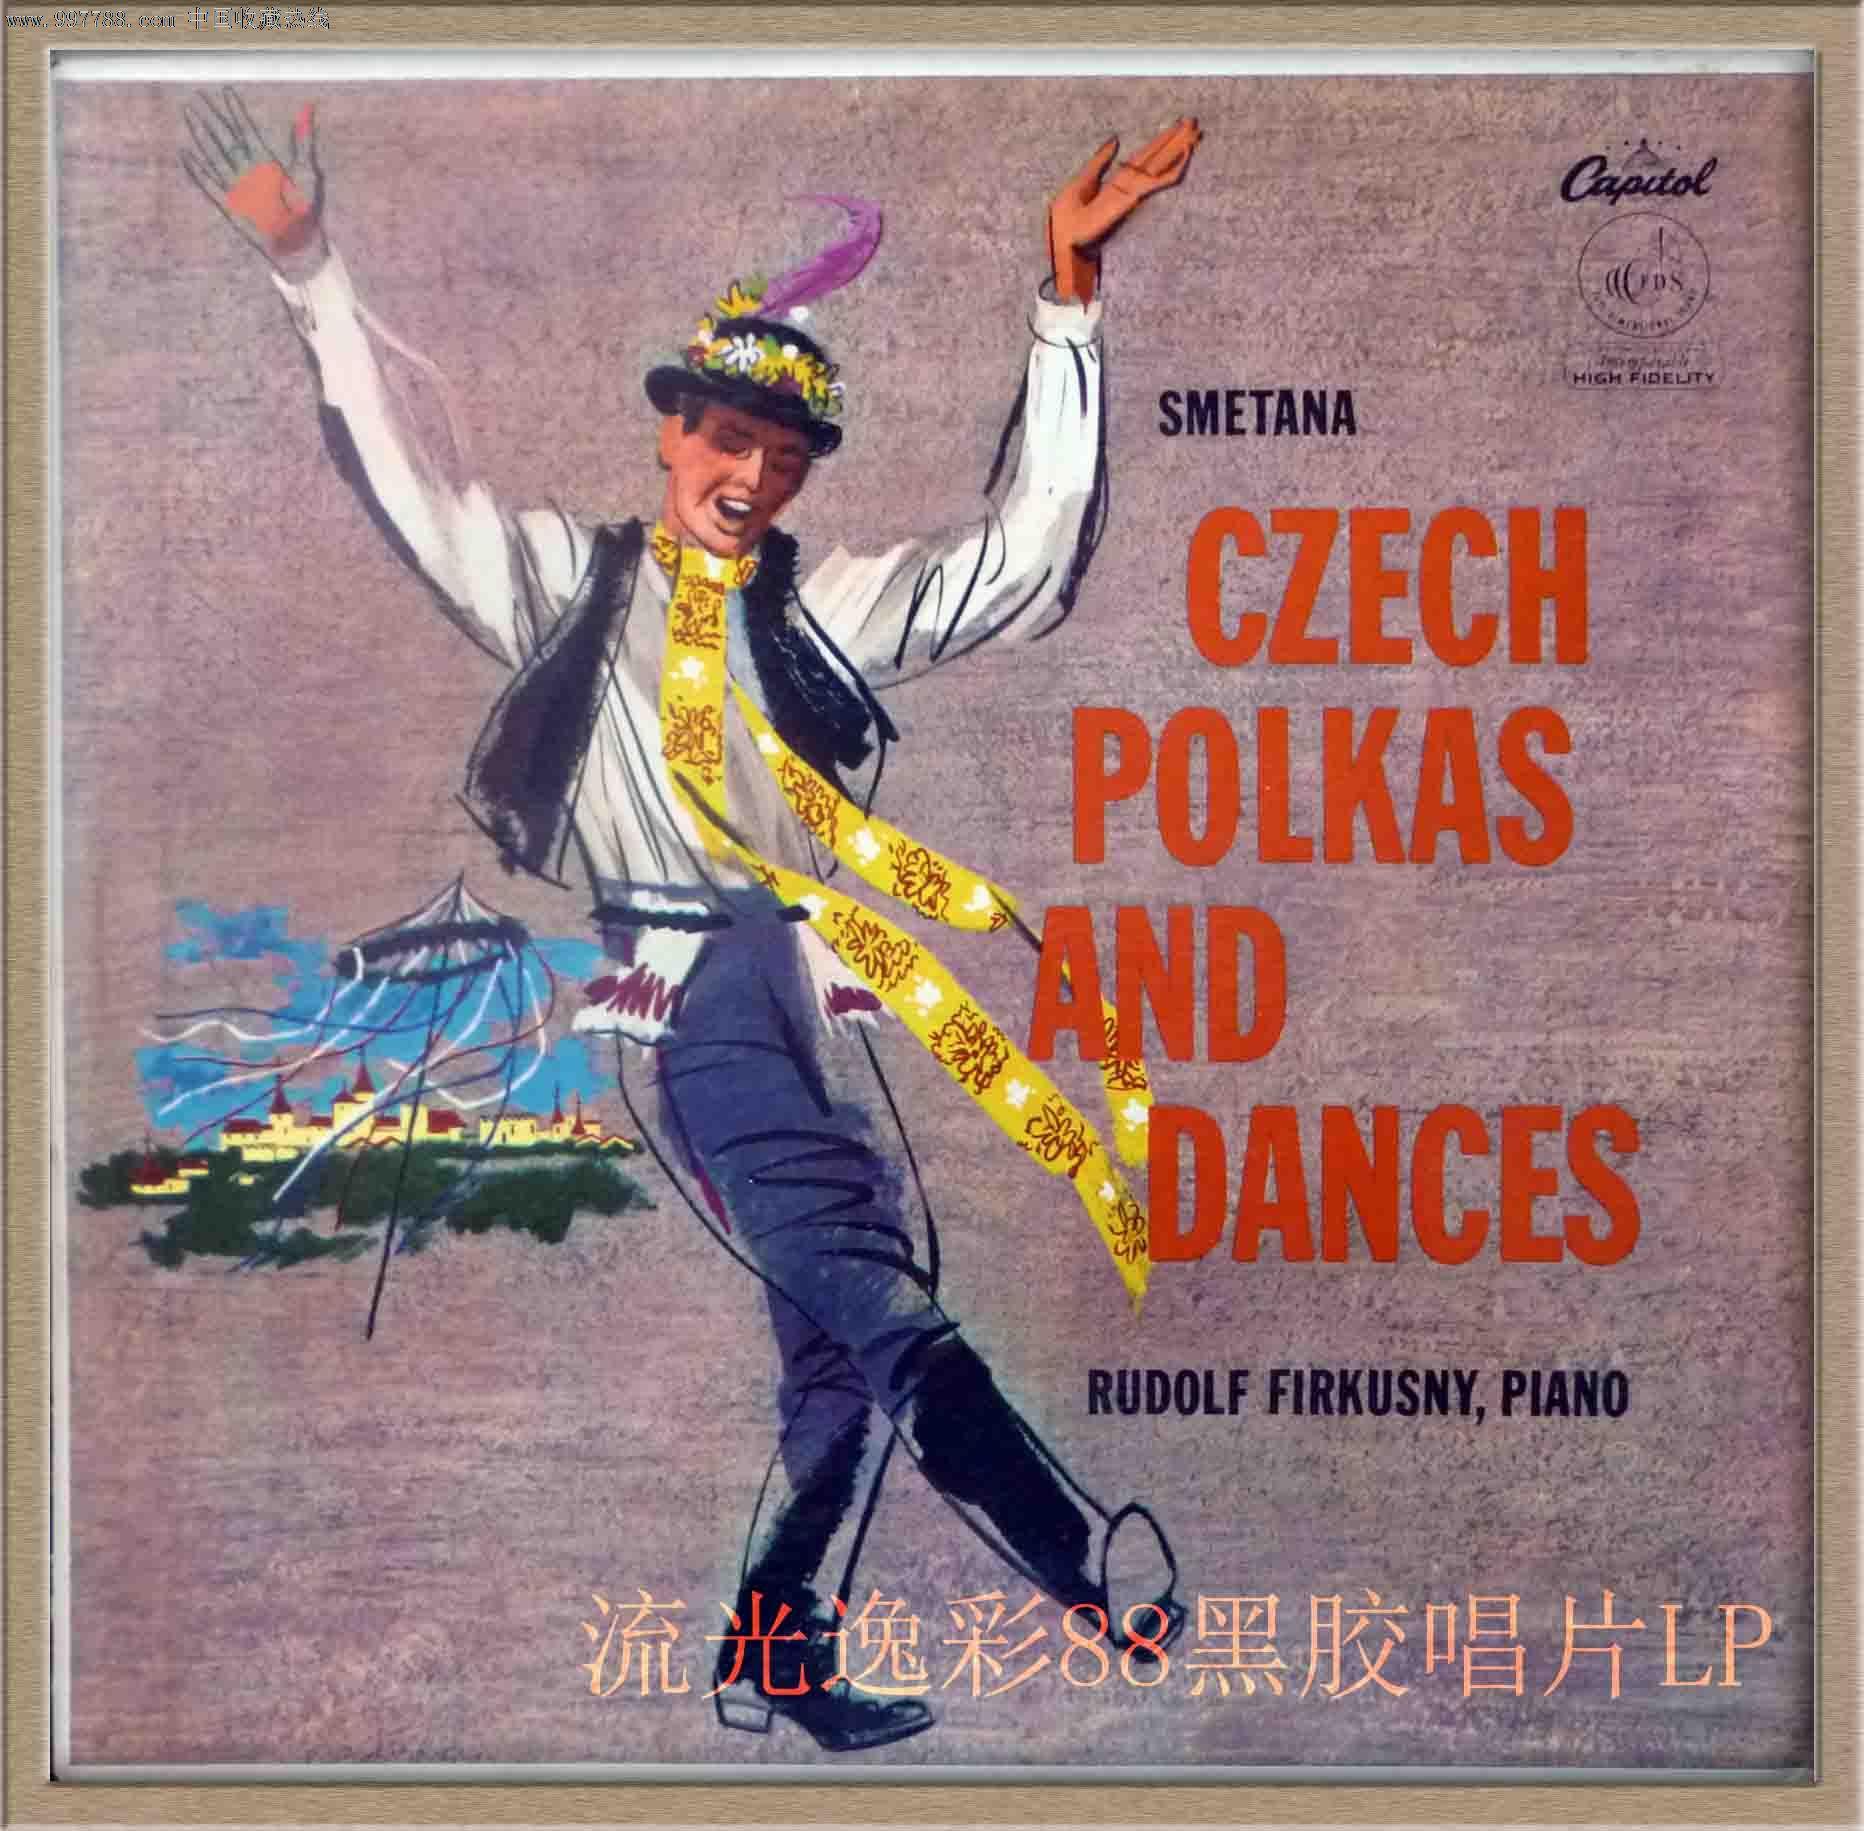 斯美塔那 斯捷波尔卡舞 费库斯尼 钢琴 古典 黑胶唱片